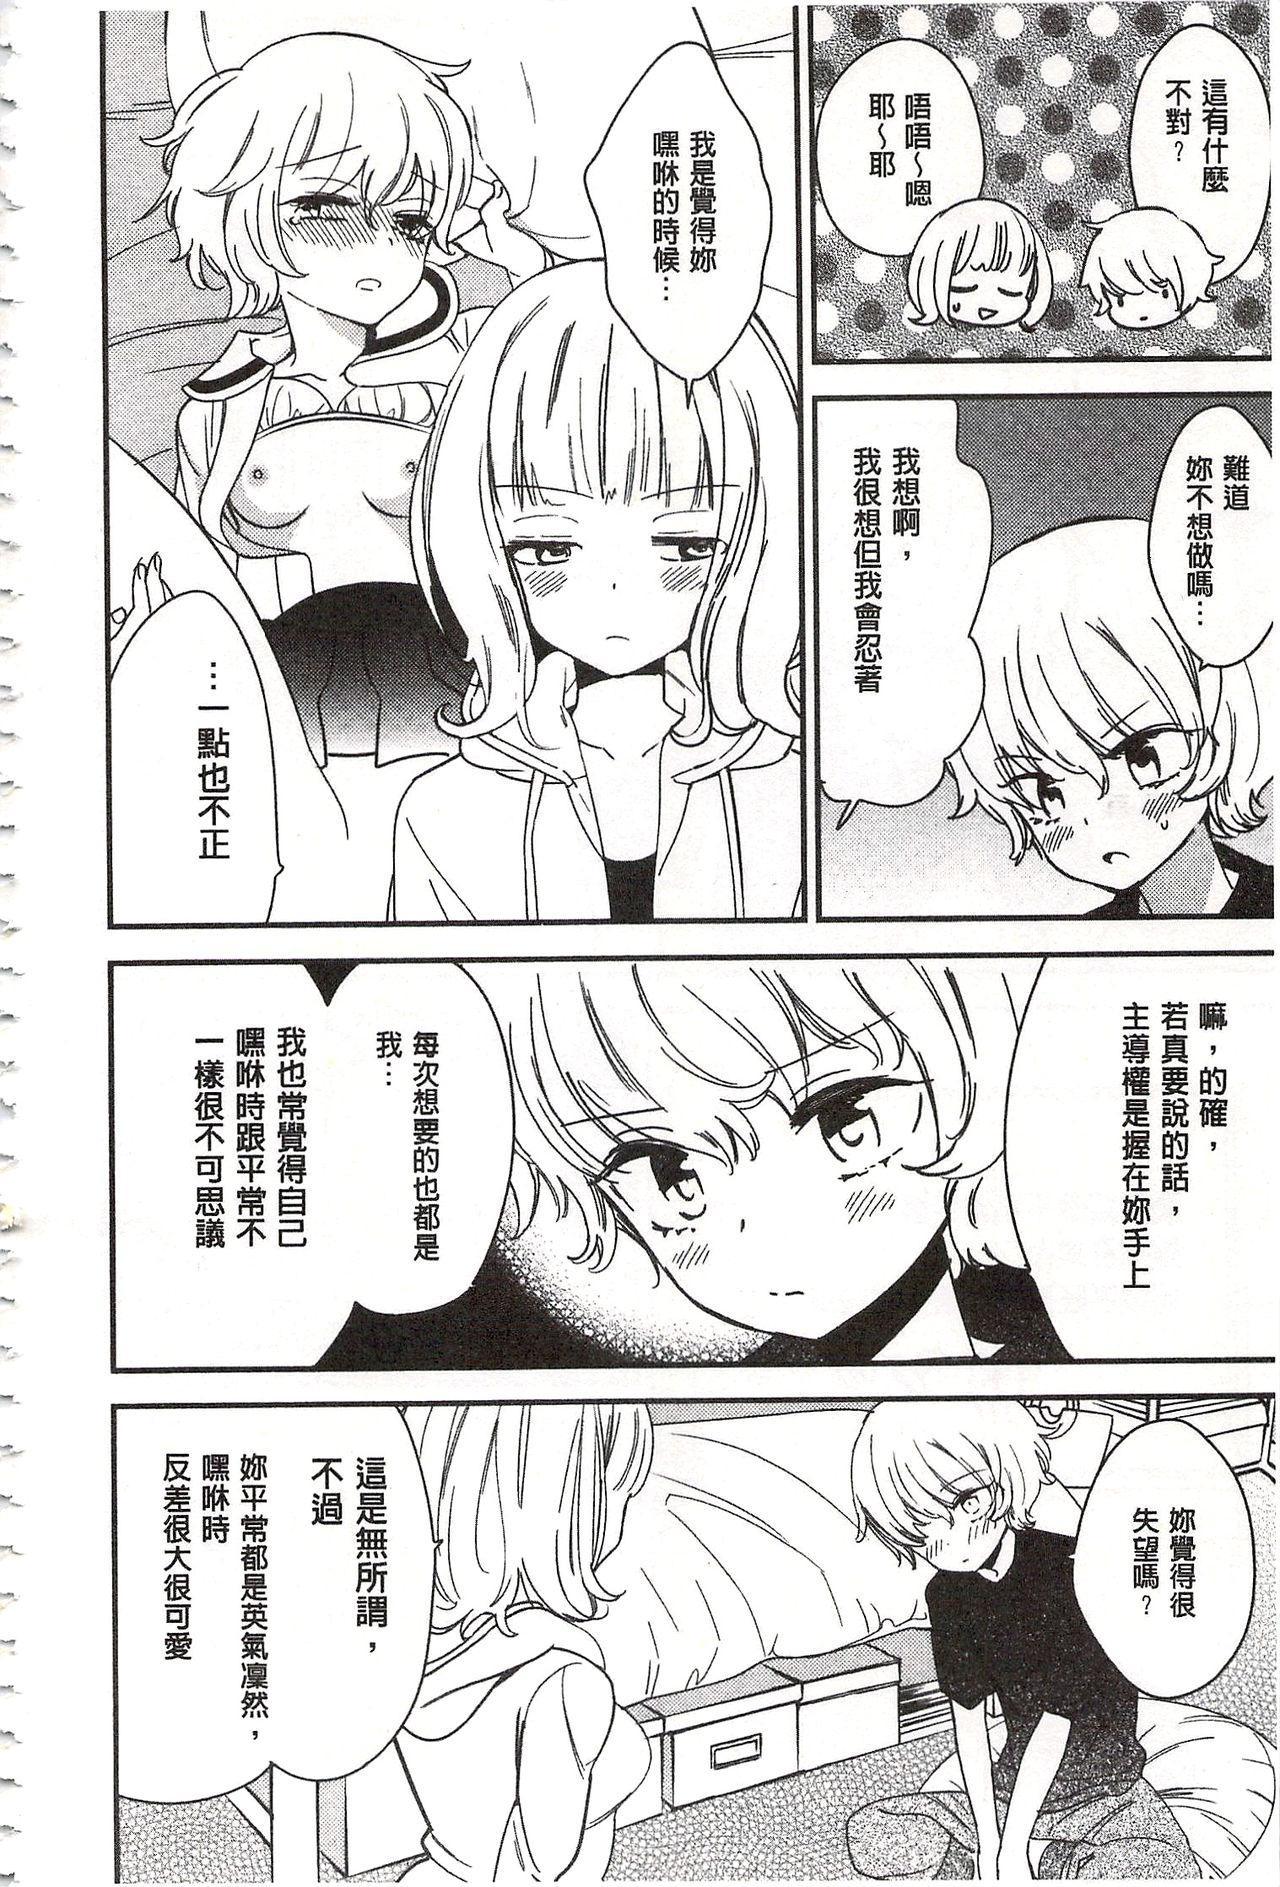 Minami Sensei no Tadashii Seikyouiku Jugyou | 美波老師的正確的性教育授業 180